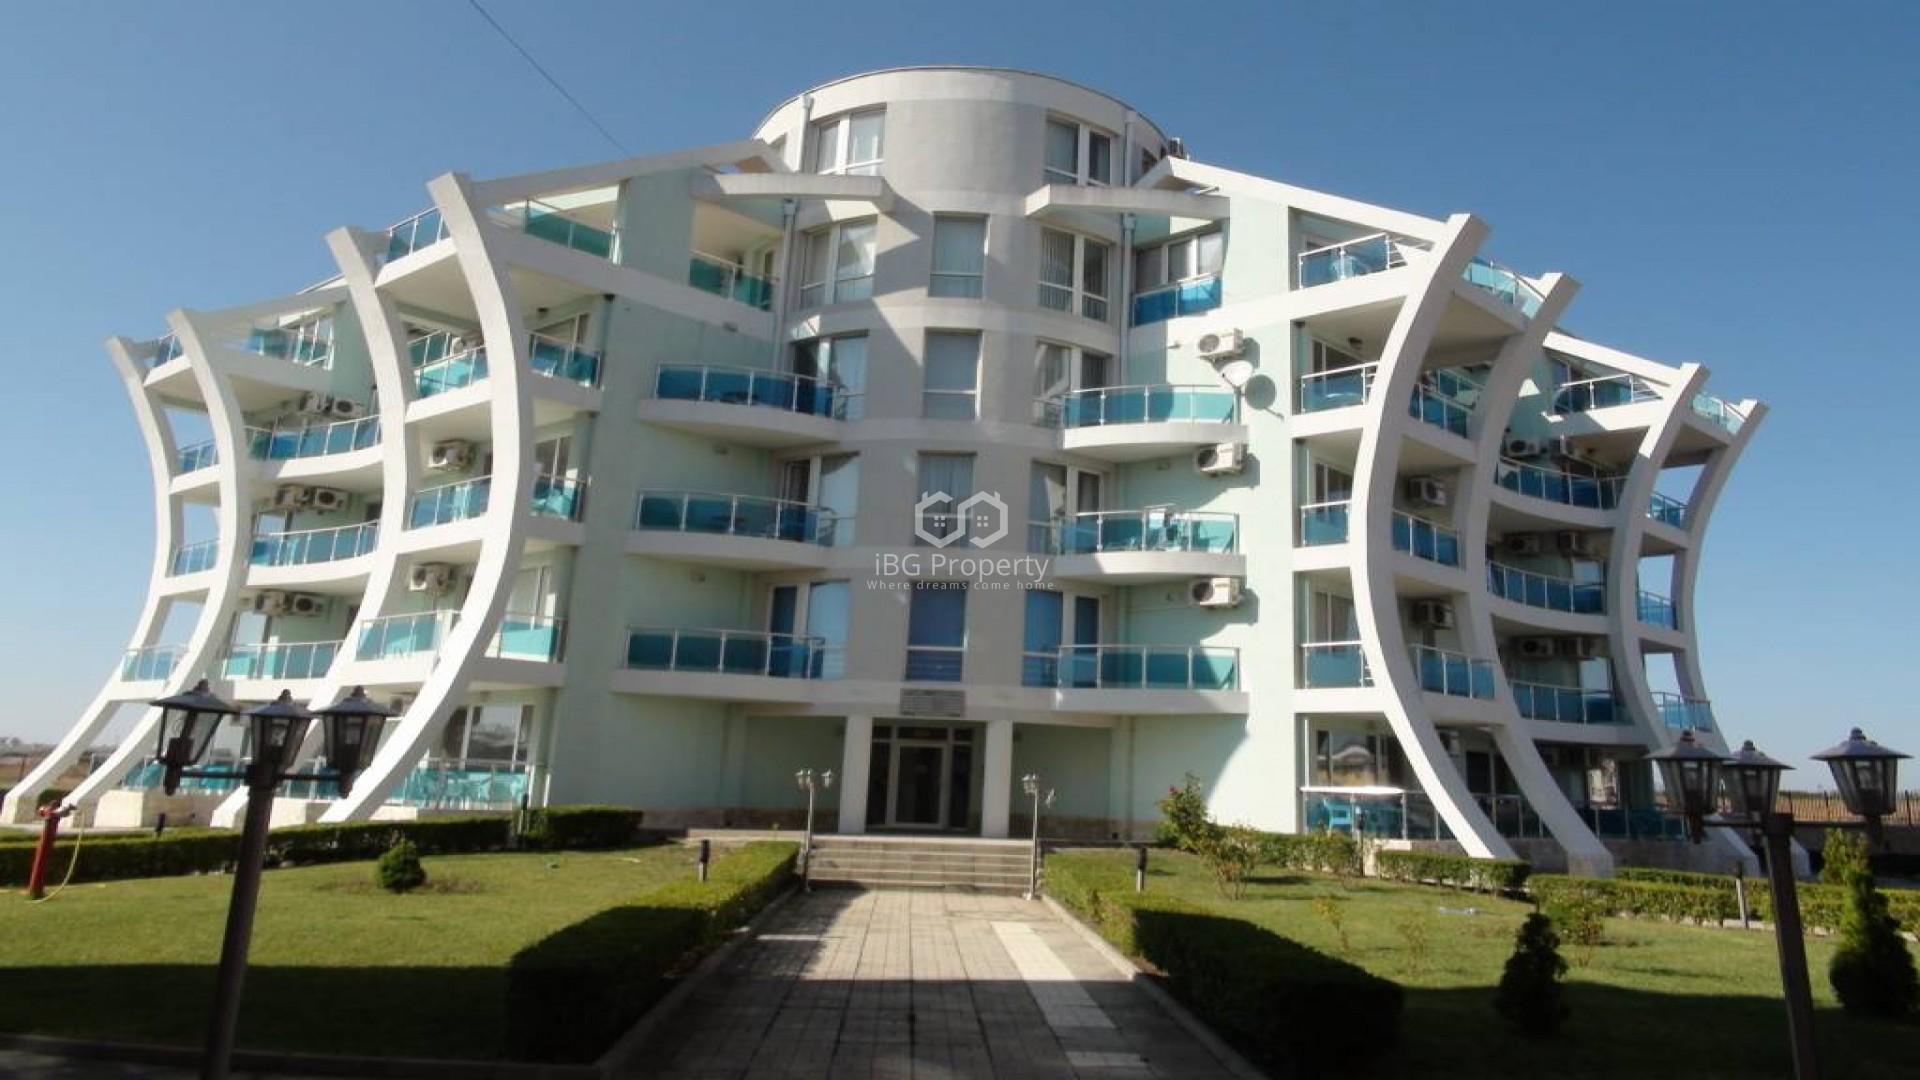 Zweizimmerwohnung in Aheloy 65 m2